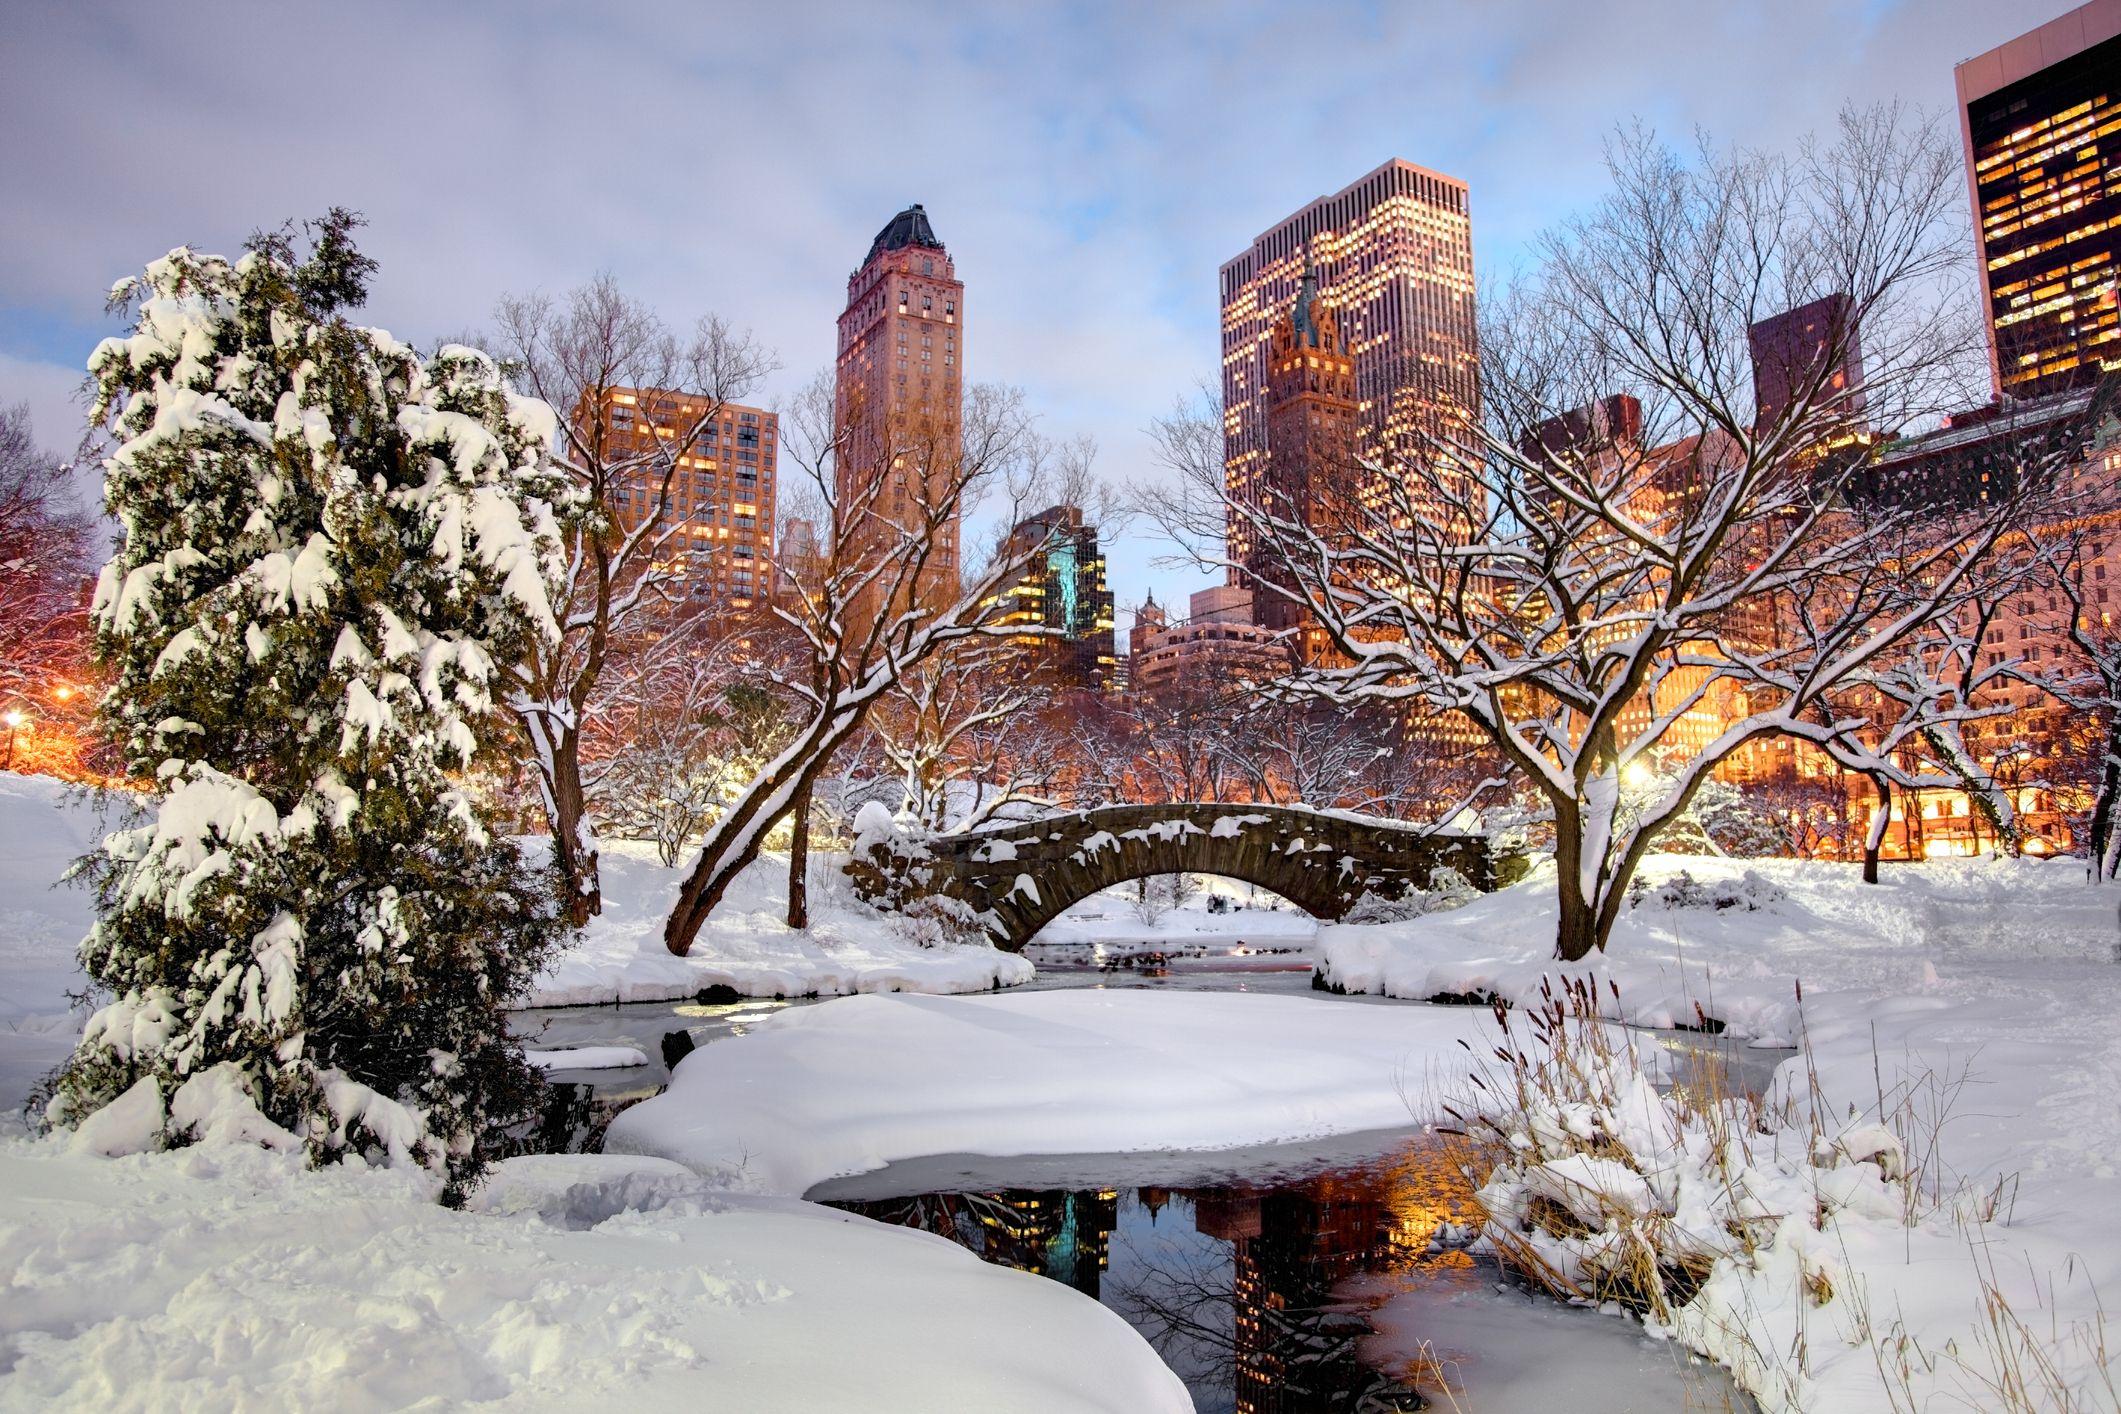 χειμώνας στο κεντρικό πάρκο, Νέα Υόρκη